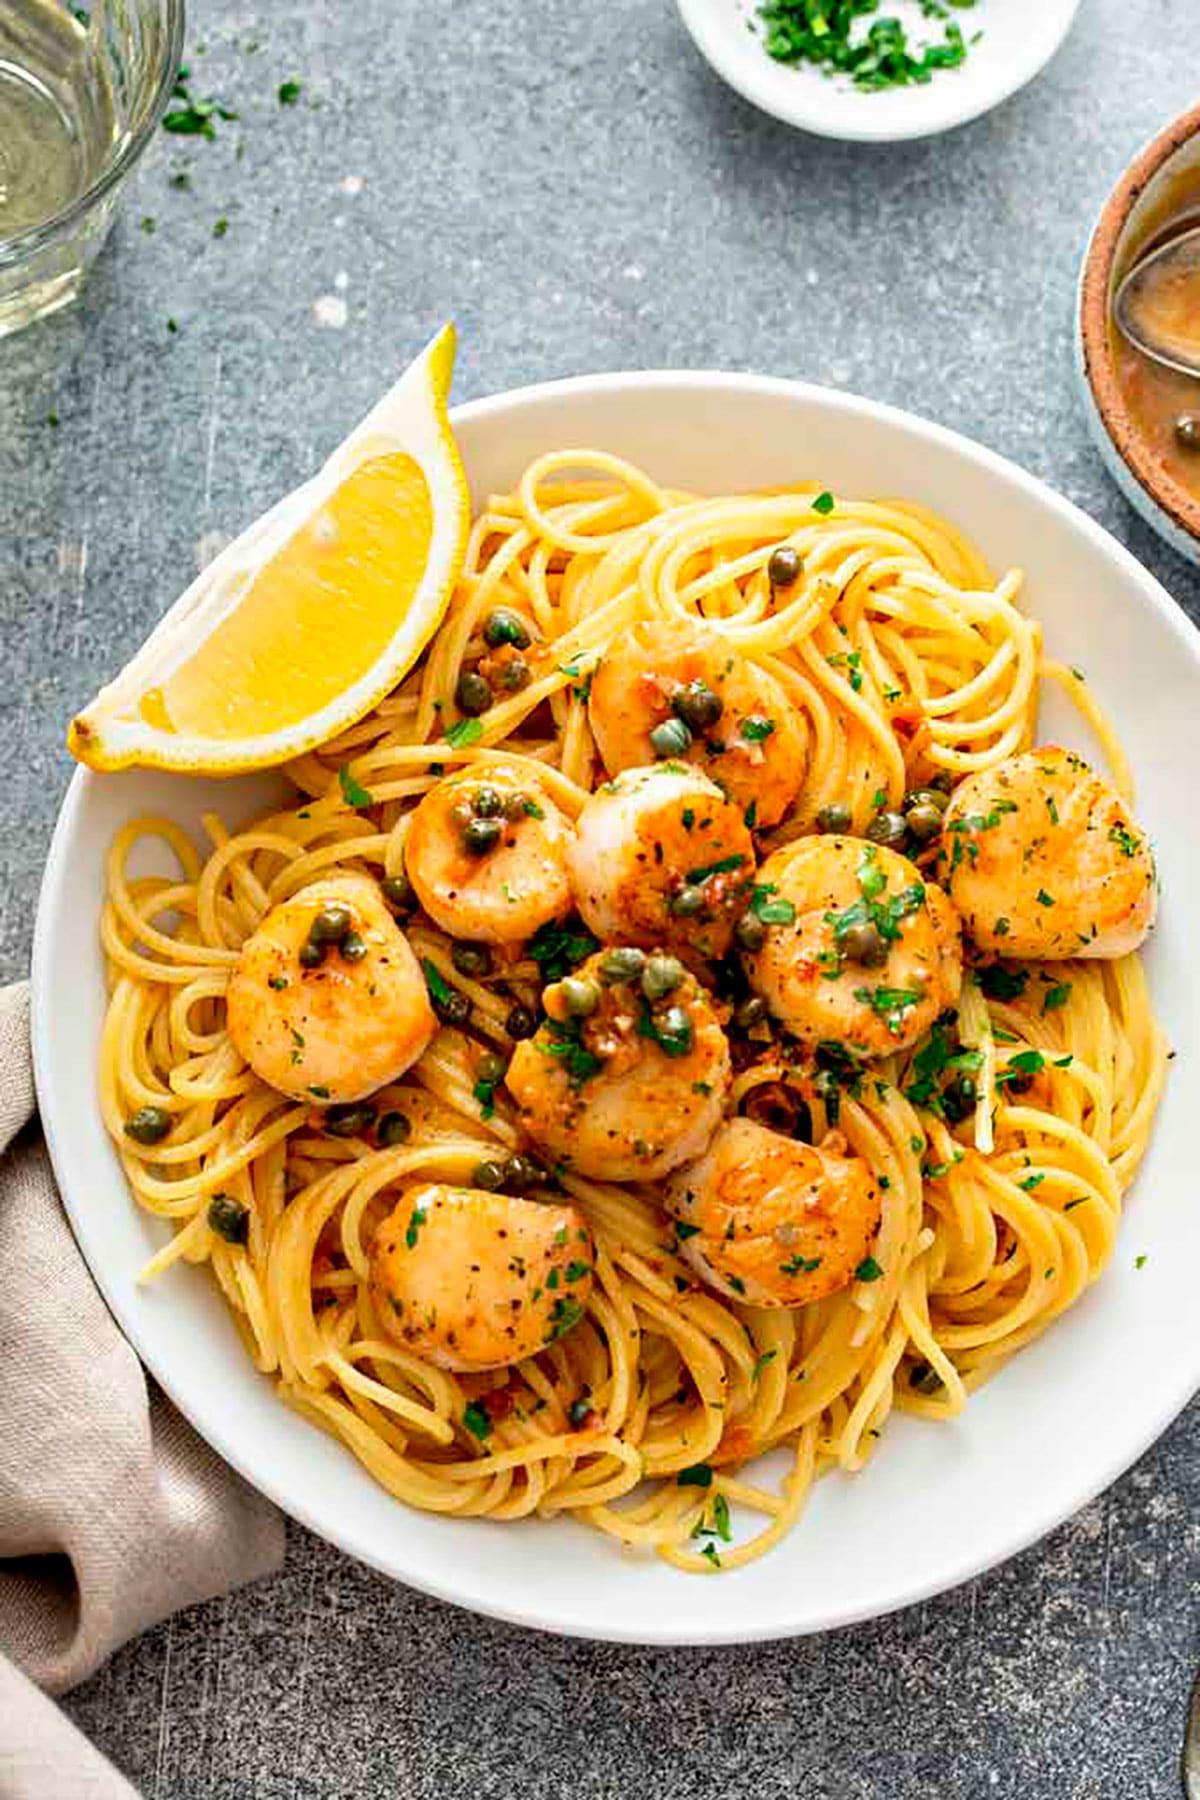 Seared scallops over pasta in a white plate.